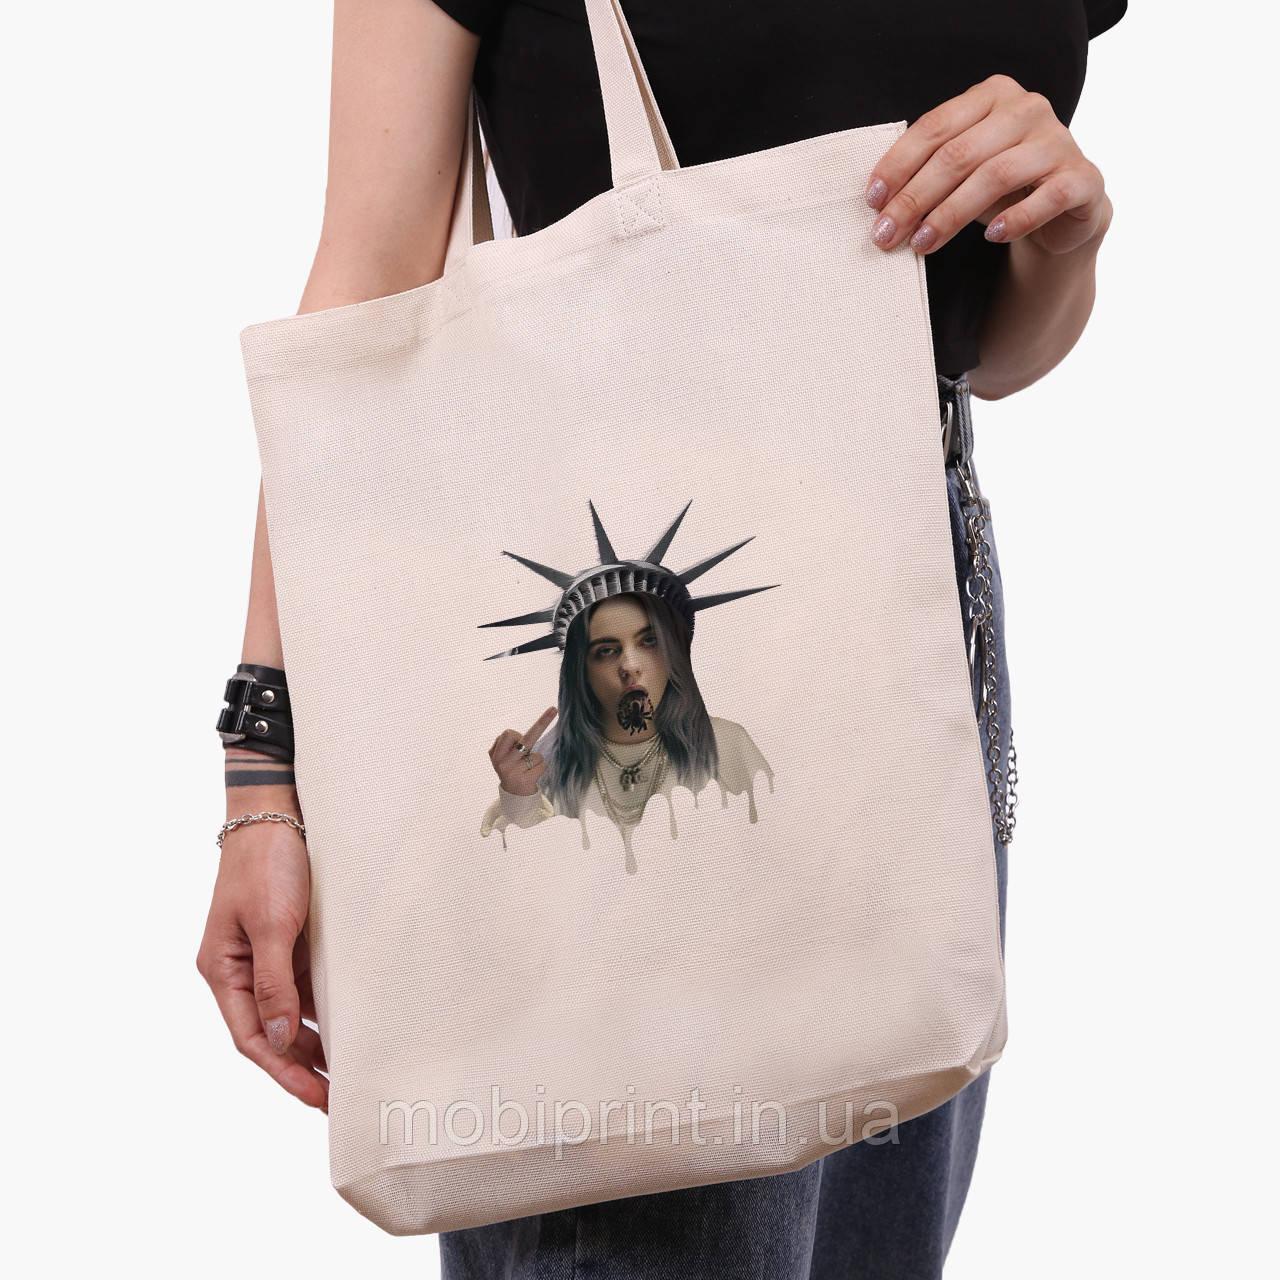 Эко сумка шоппер белая Ренессанс-Билли Айлиш (Billie Eilish) (9227-1583-1)  экосумка шопер 41*39*8 см